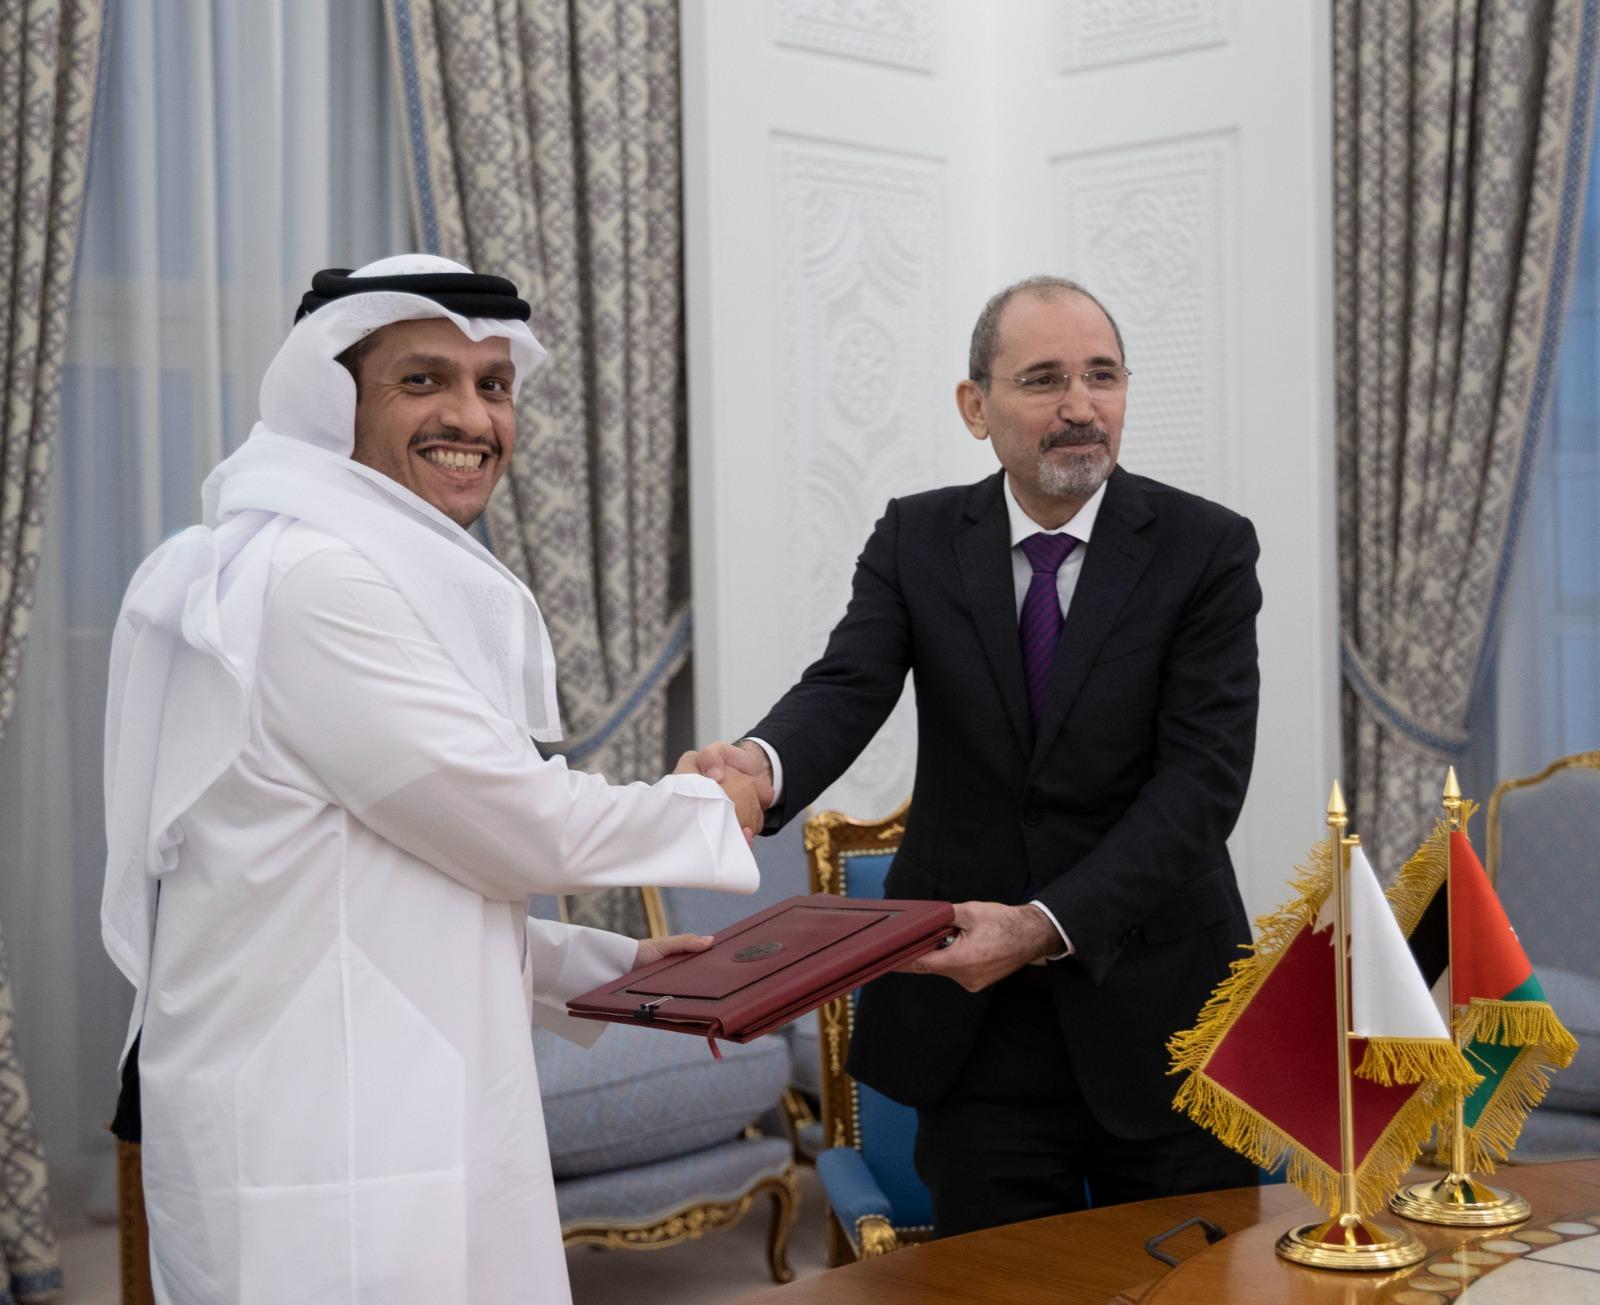 نائب رئيس مجلس الوزراء وزير الخارجية ونظيره الأردني يوقعان اتفاقية ومذكرة تفاهم